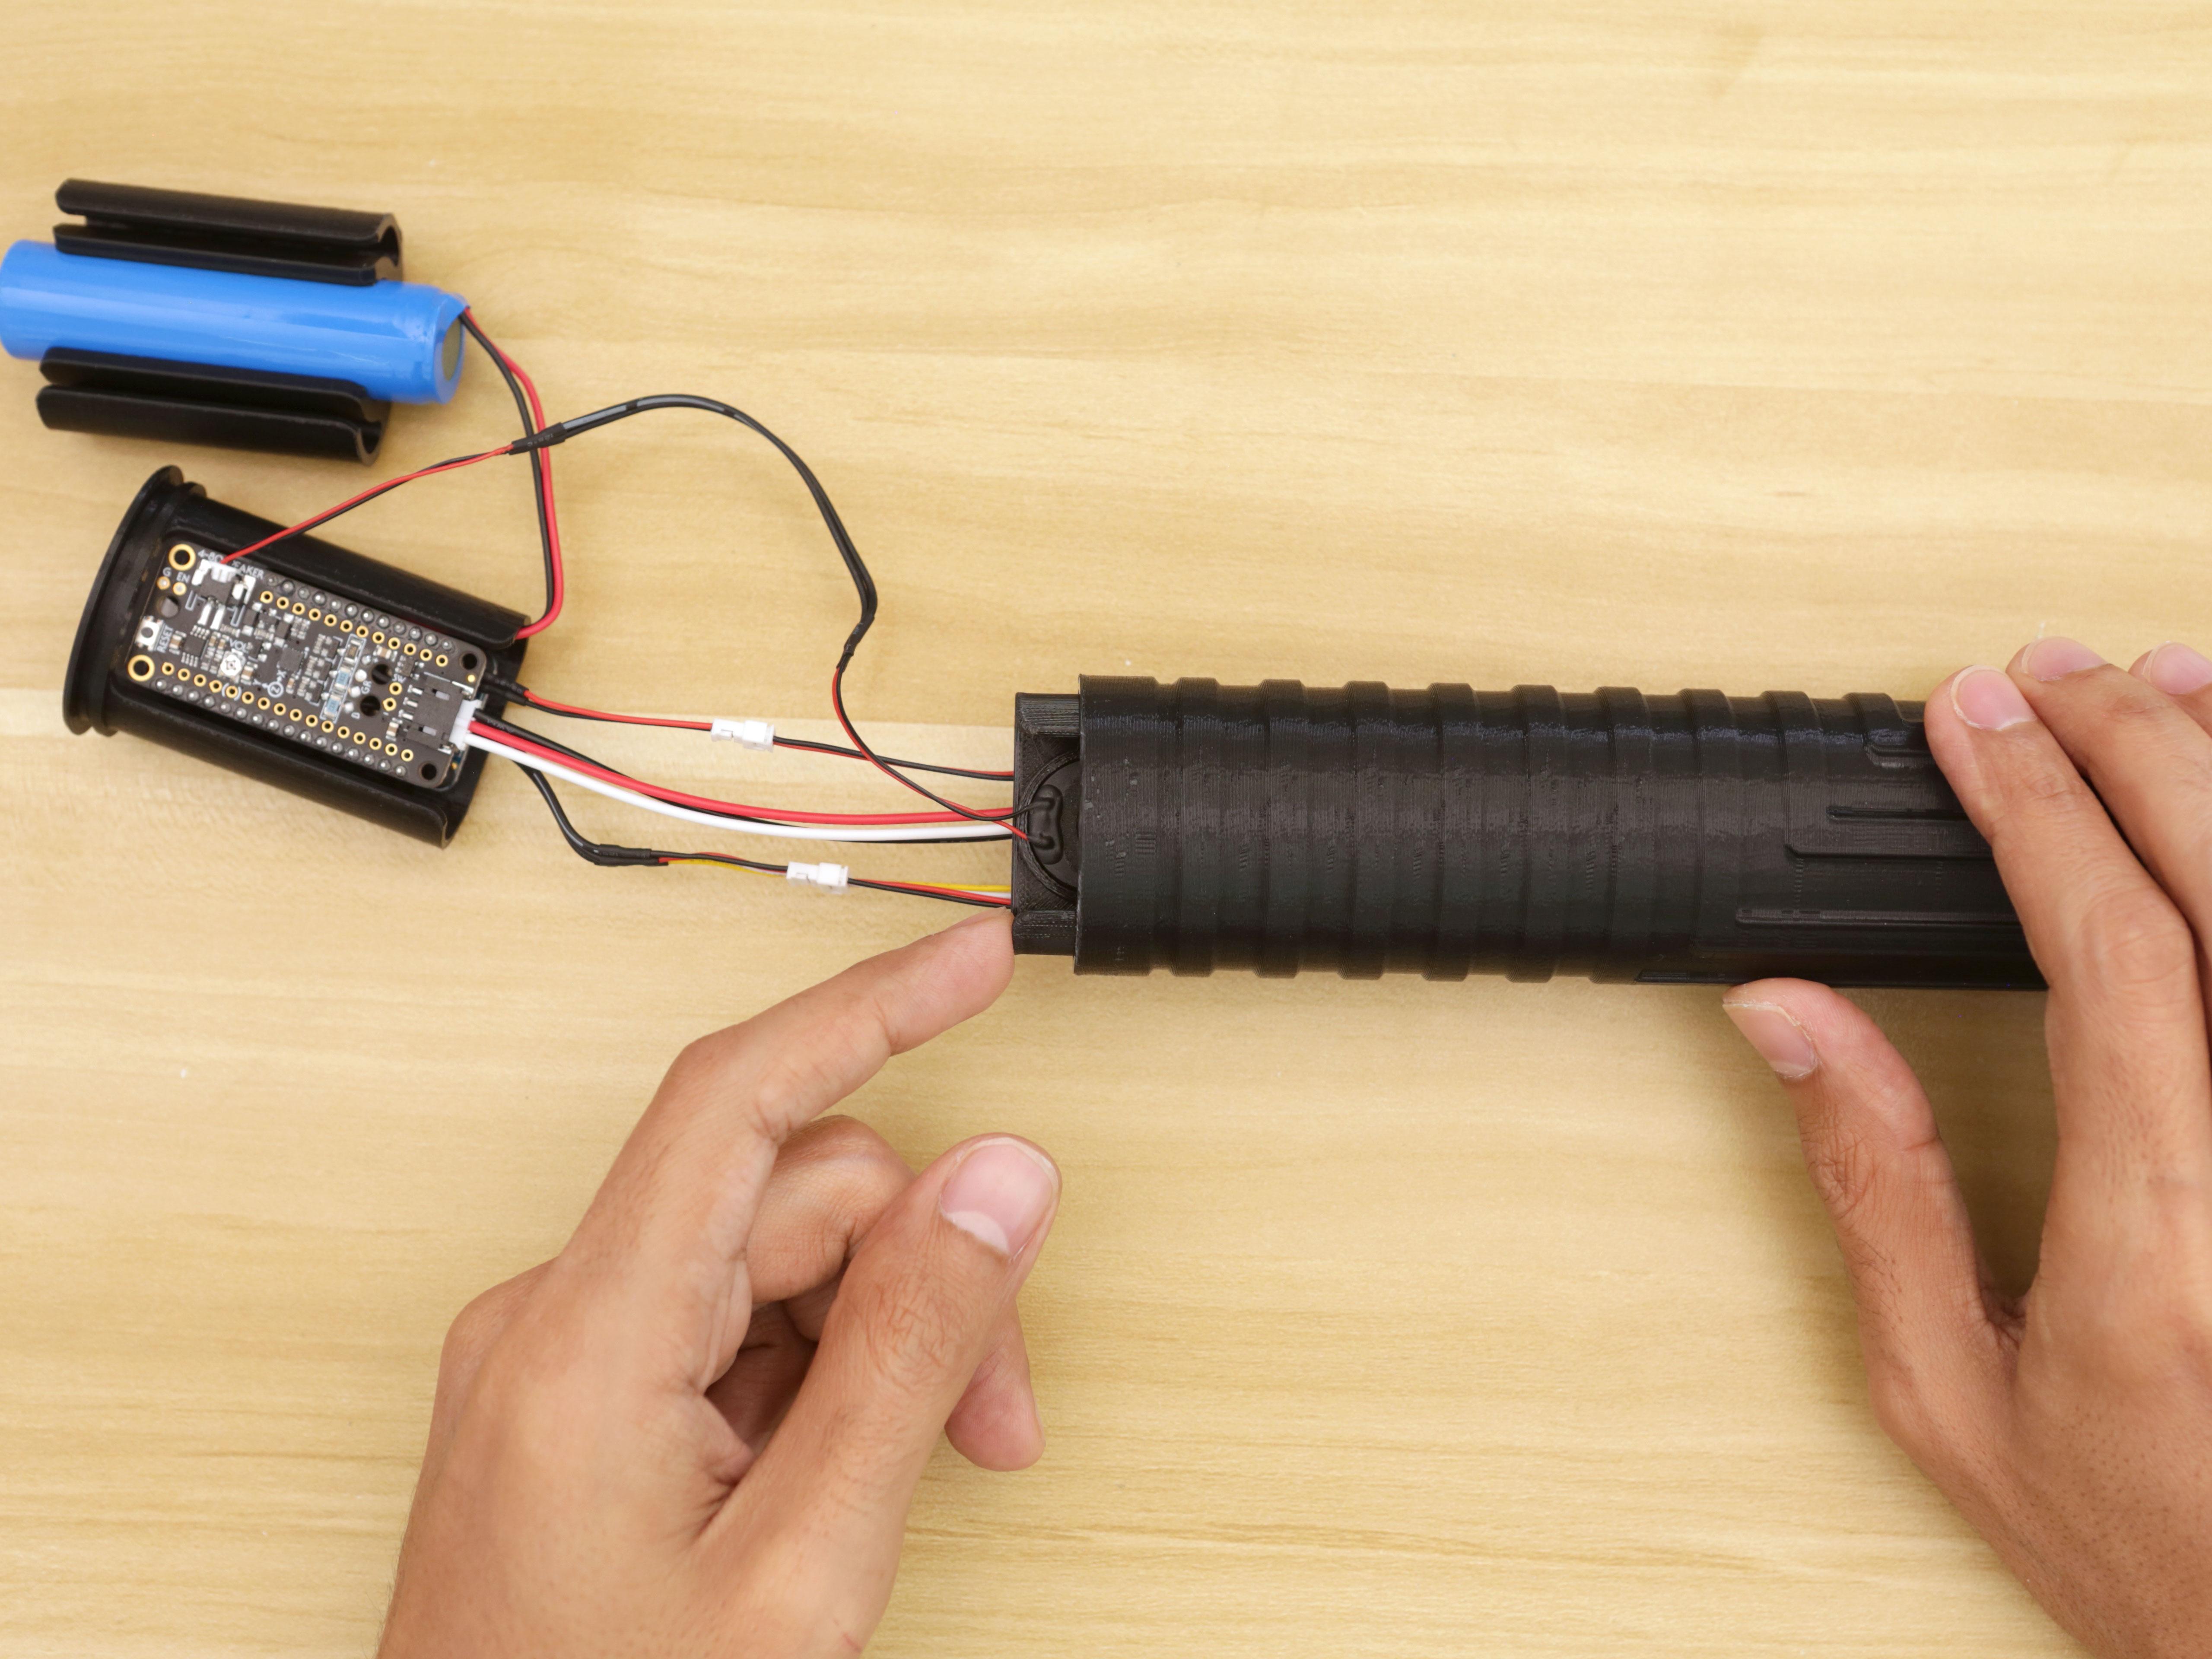 3d_printing_hilt-speaker-install.jpg